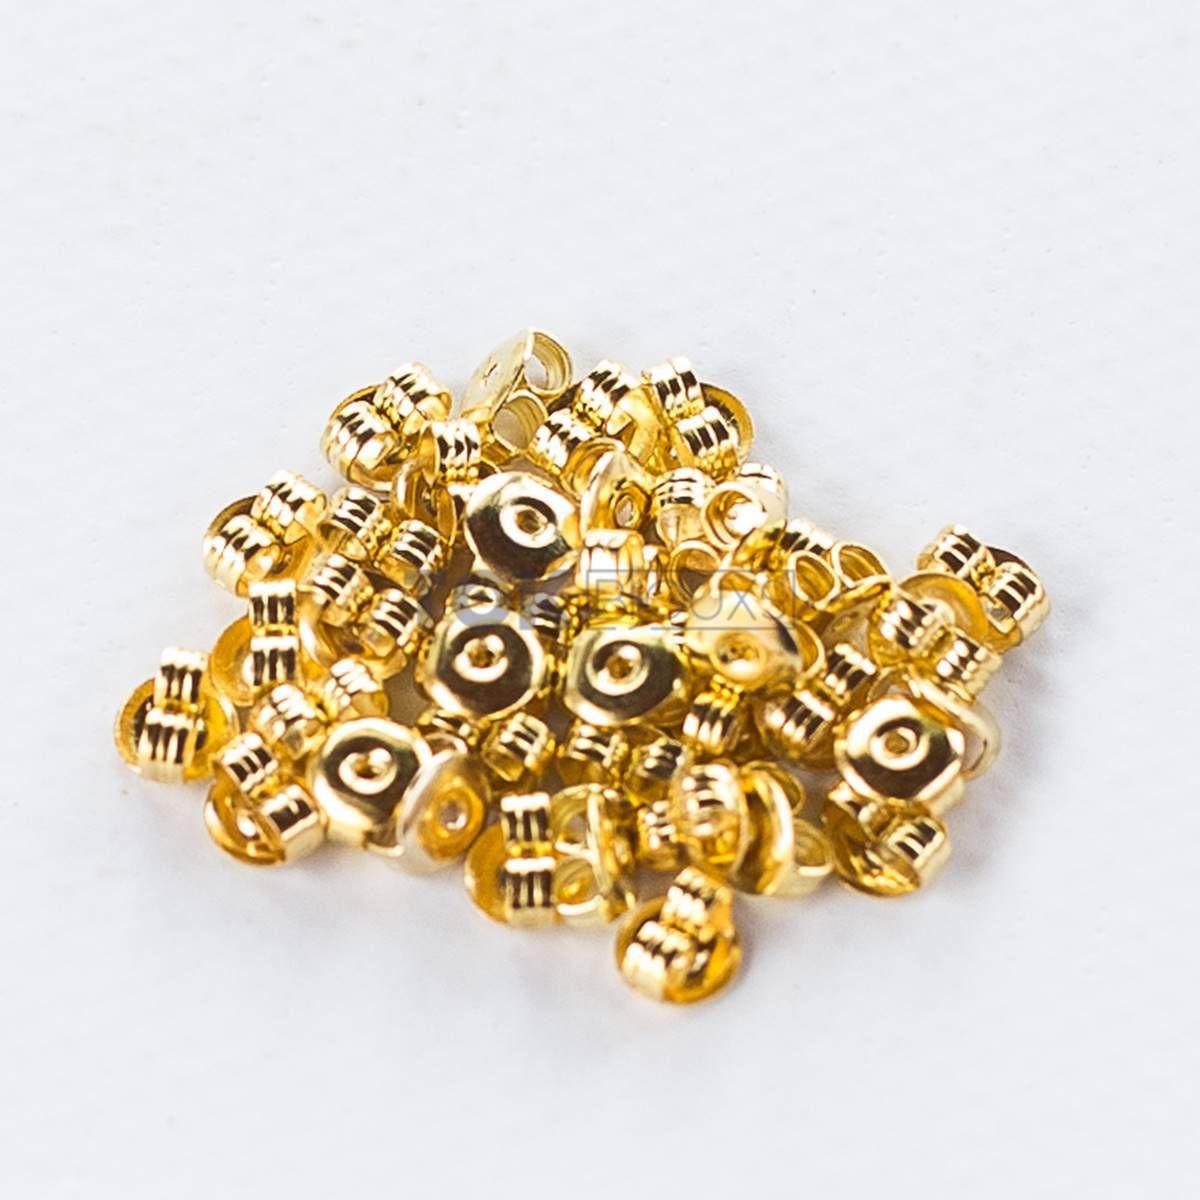 Tarracha Brinco Borboleta - Dourado - 20 Pares